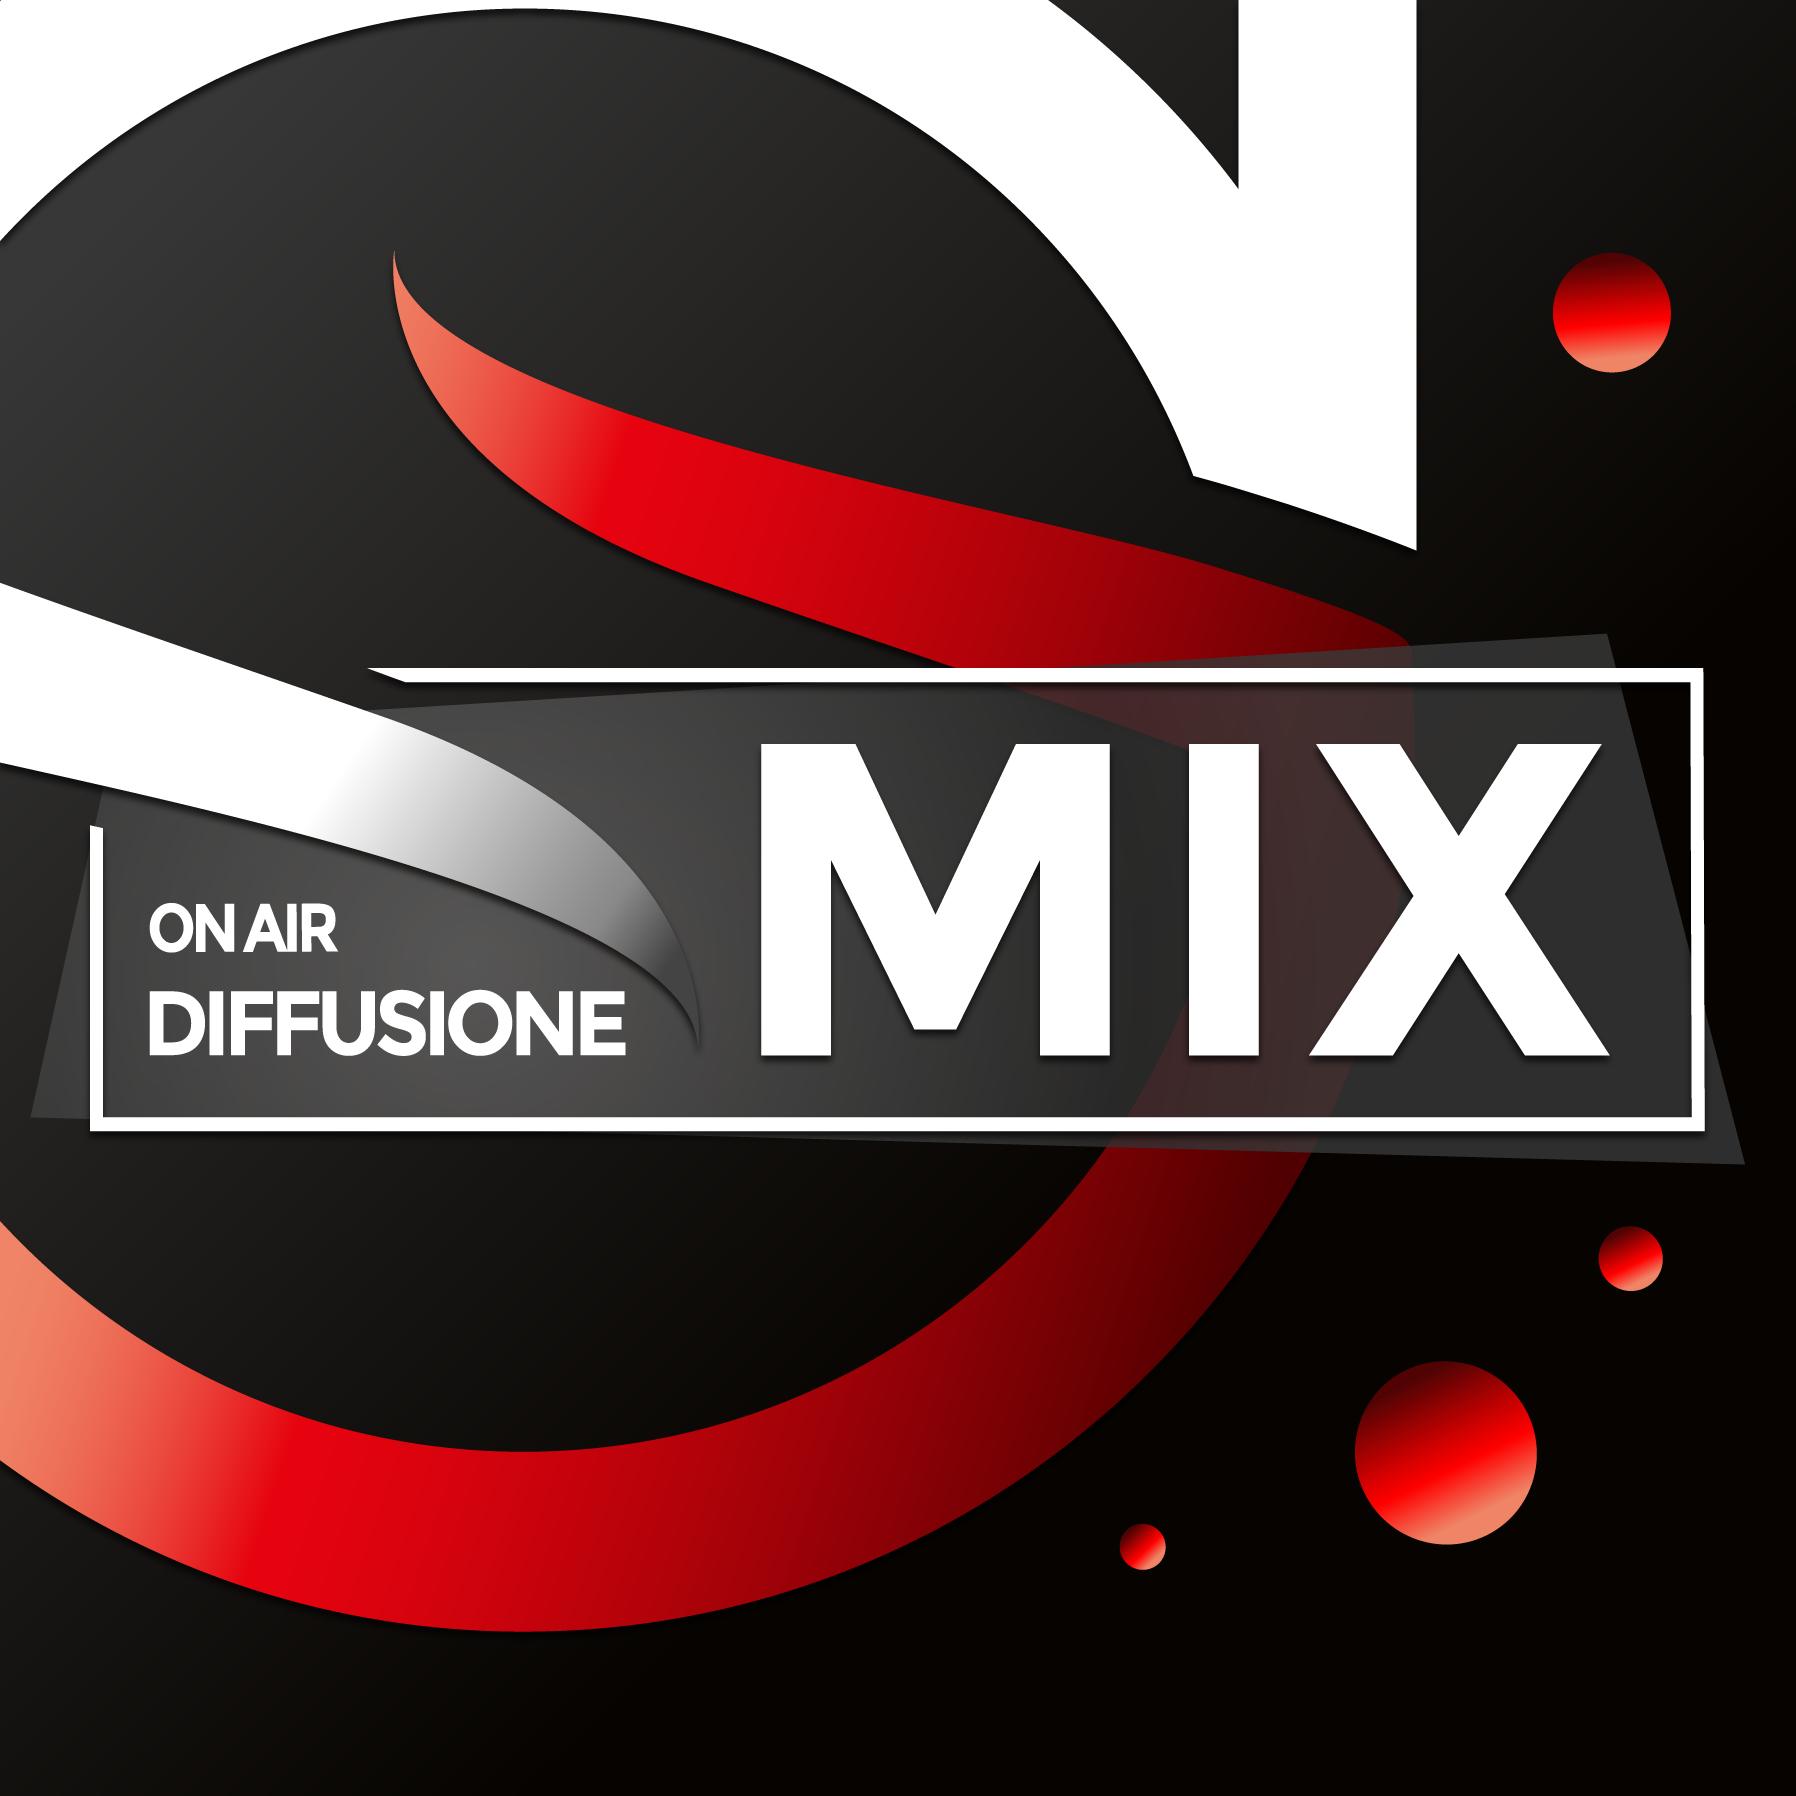 Diffusione Mix